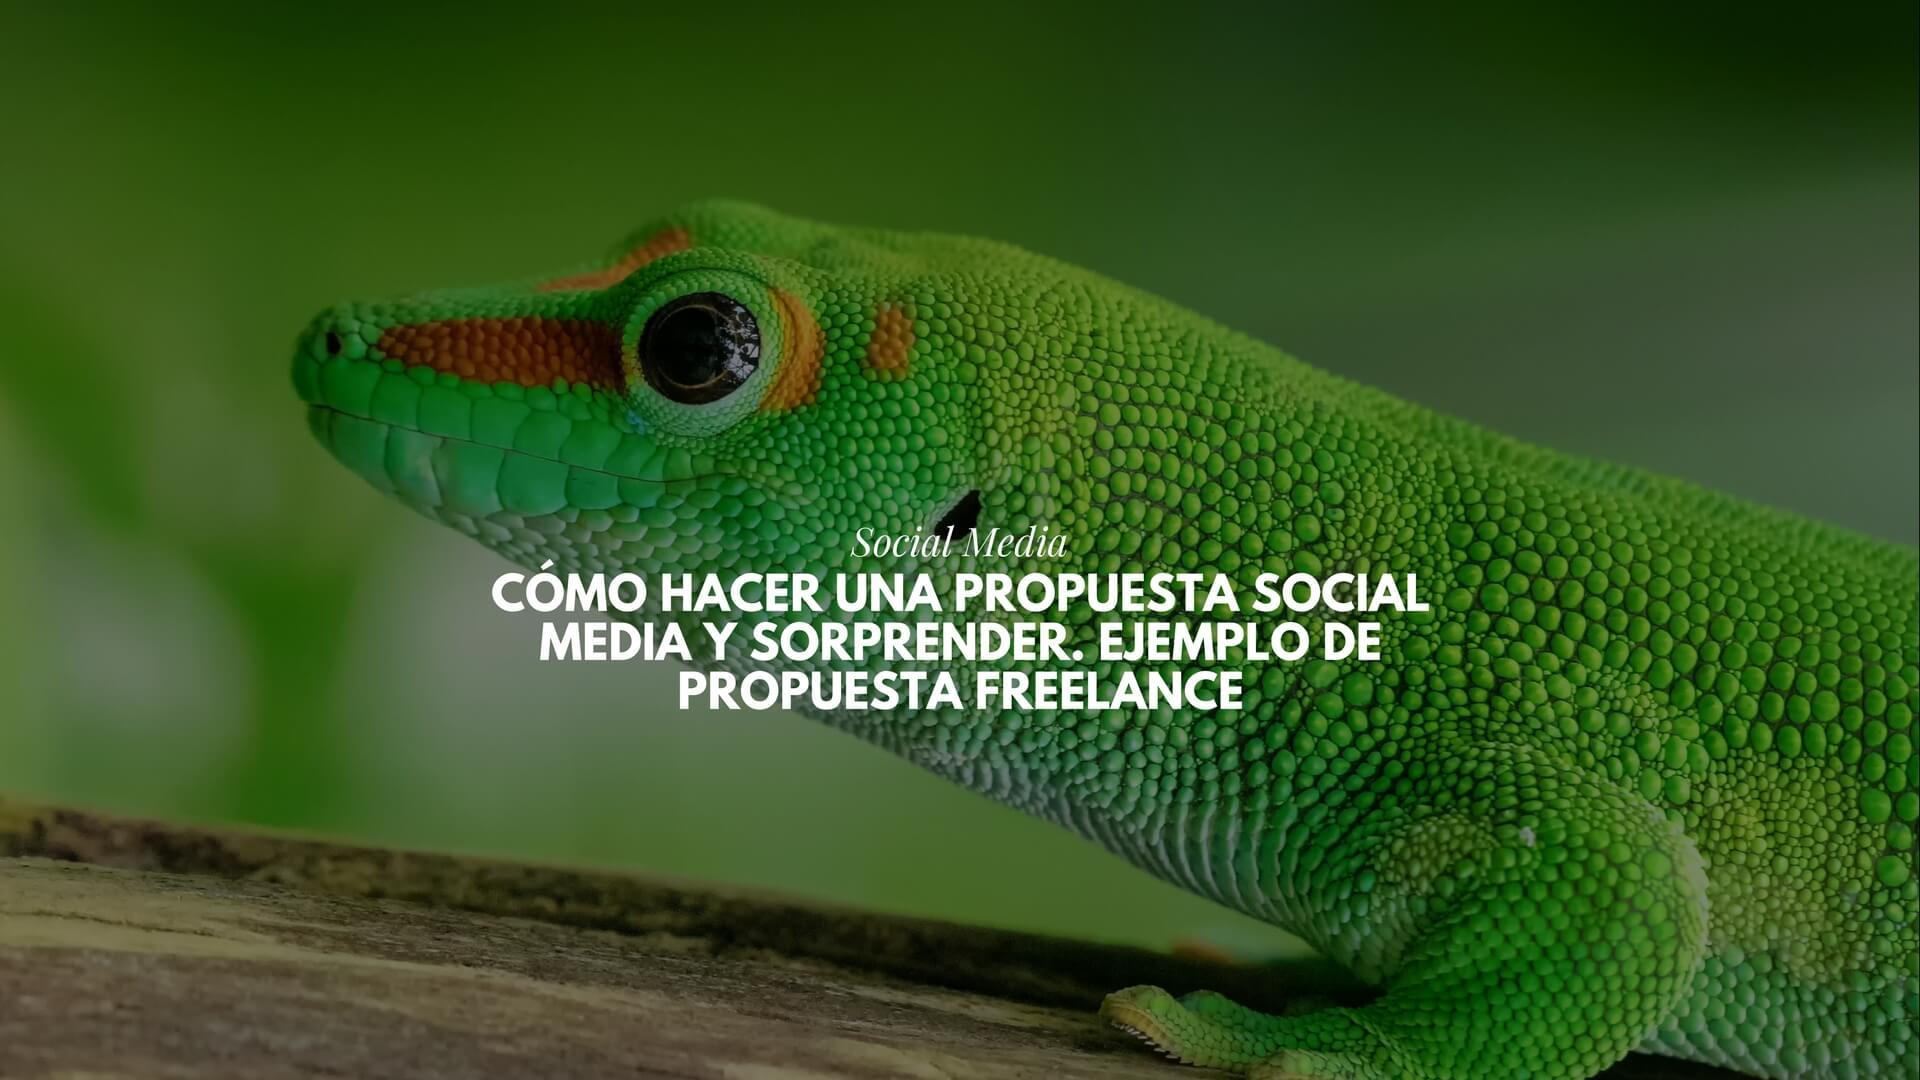 Cómo hacer una propuesta Social Media y sorprender. Ejemplo de propuesta freelance